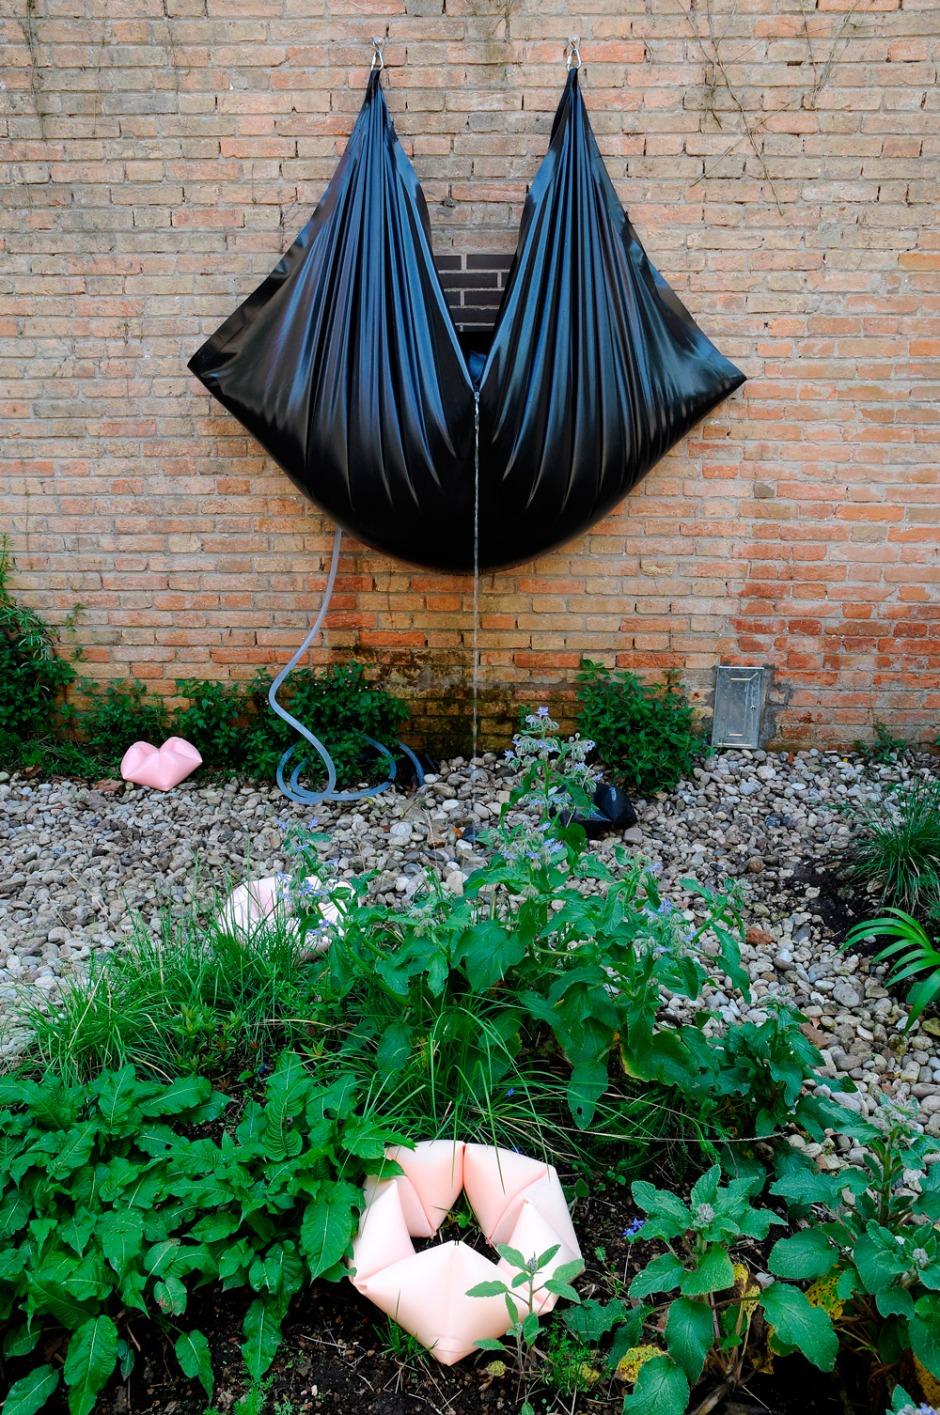 tres-Bienal-de-Venecia-Expoartemadrid